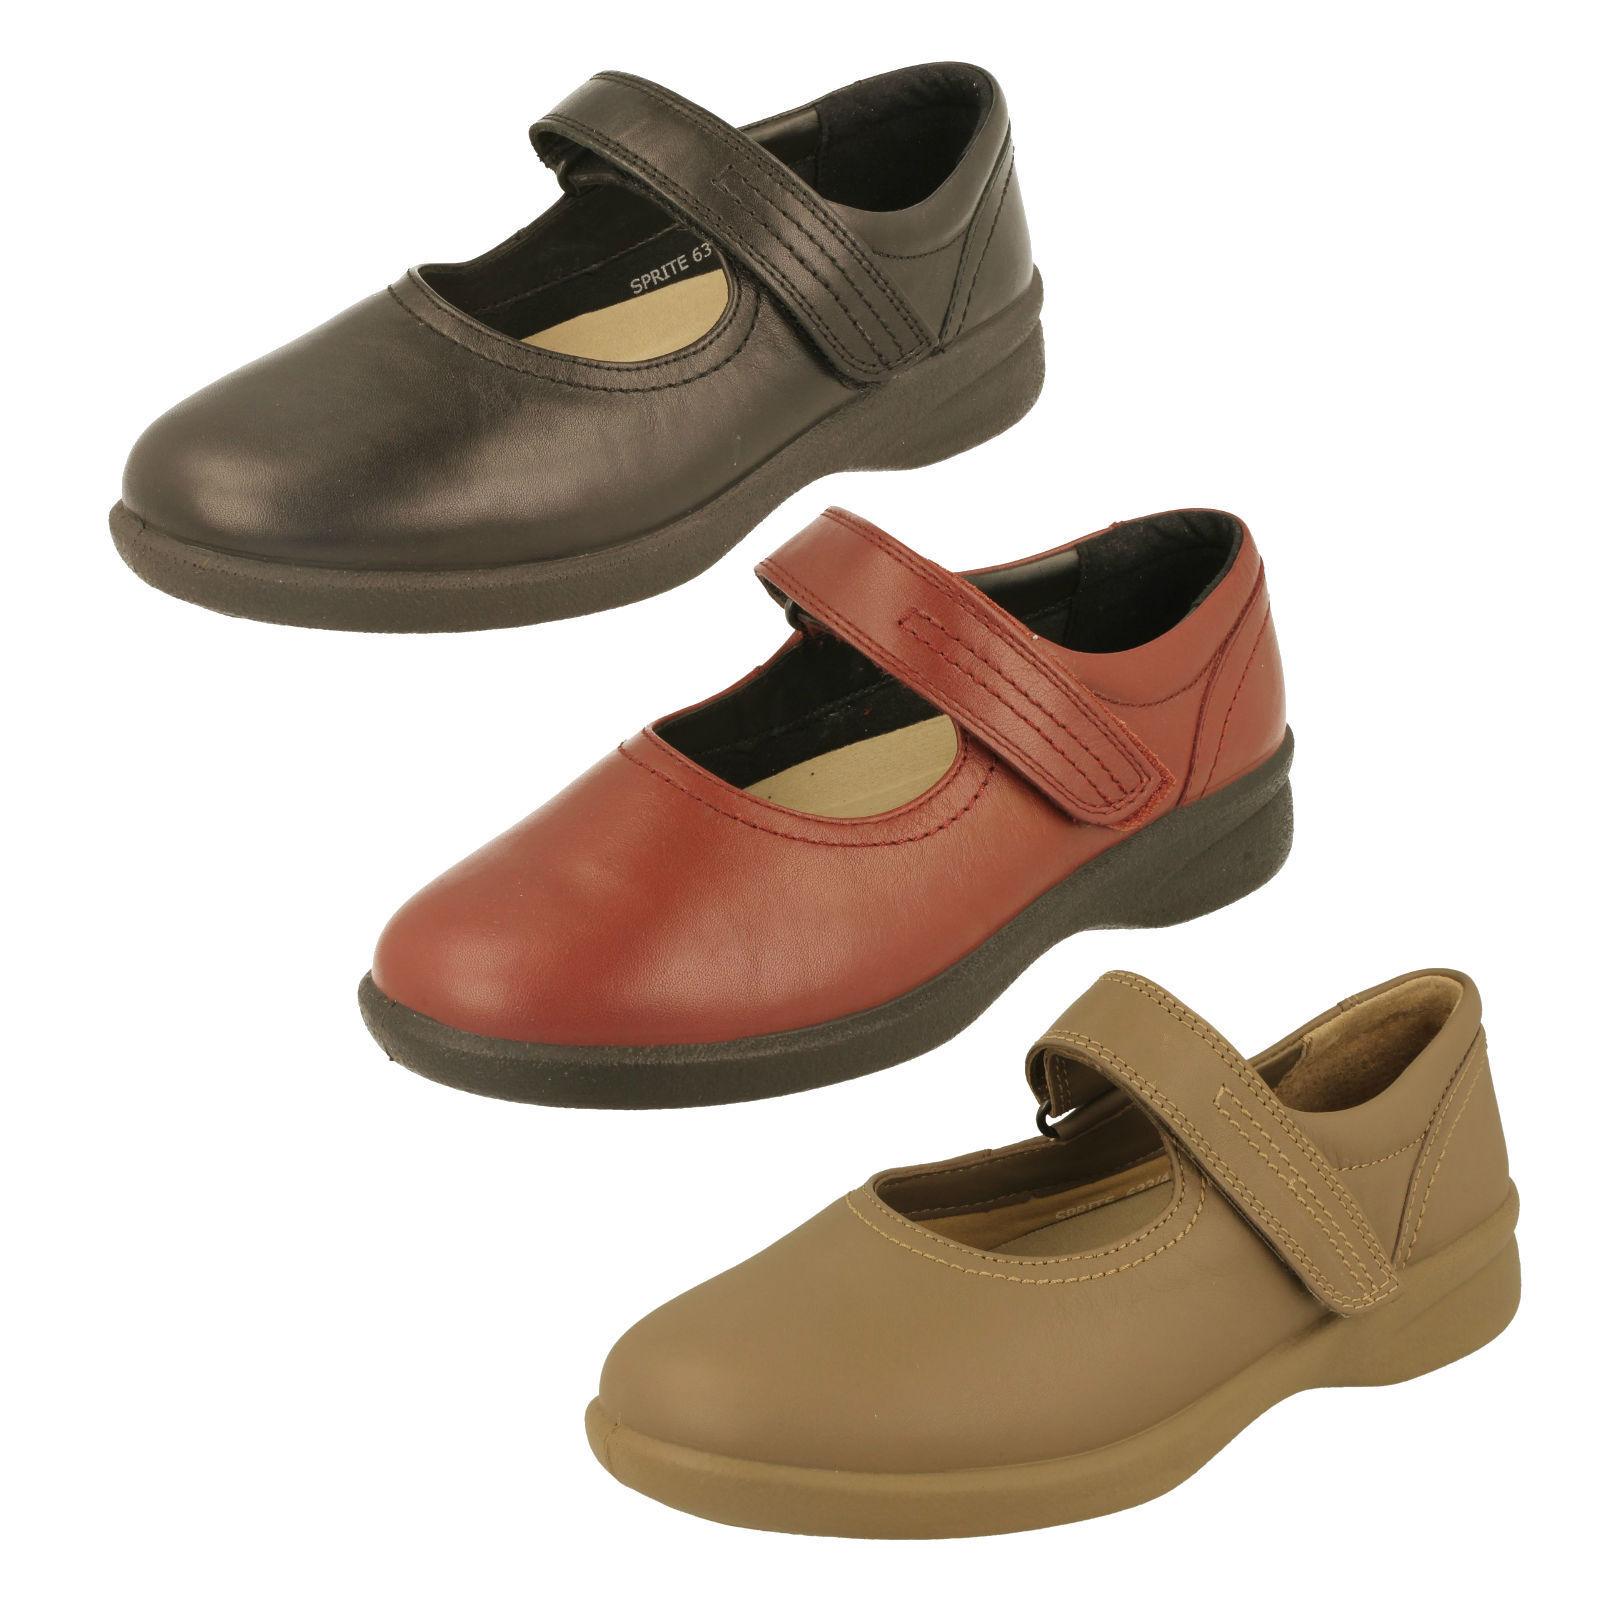 Los últimos zapatos de descuento para hombres y mujeres Descuento por tiempo limitado Padders Ladies EEE/EEEE Wide Fit Shoes Style - Sprite